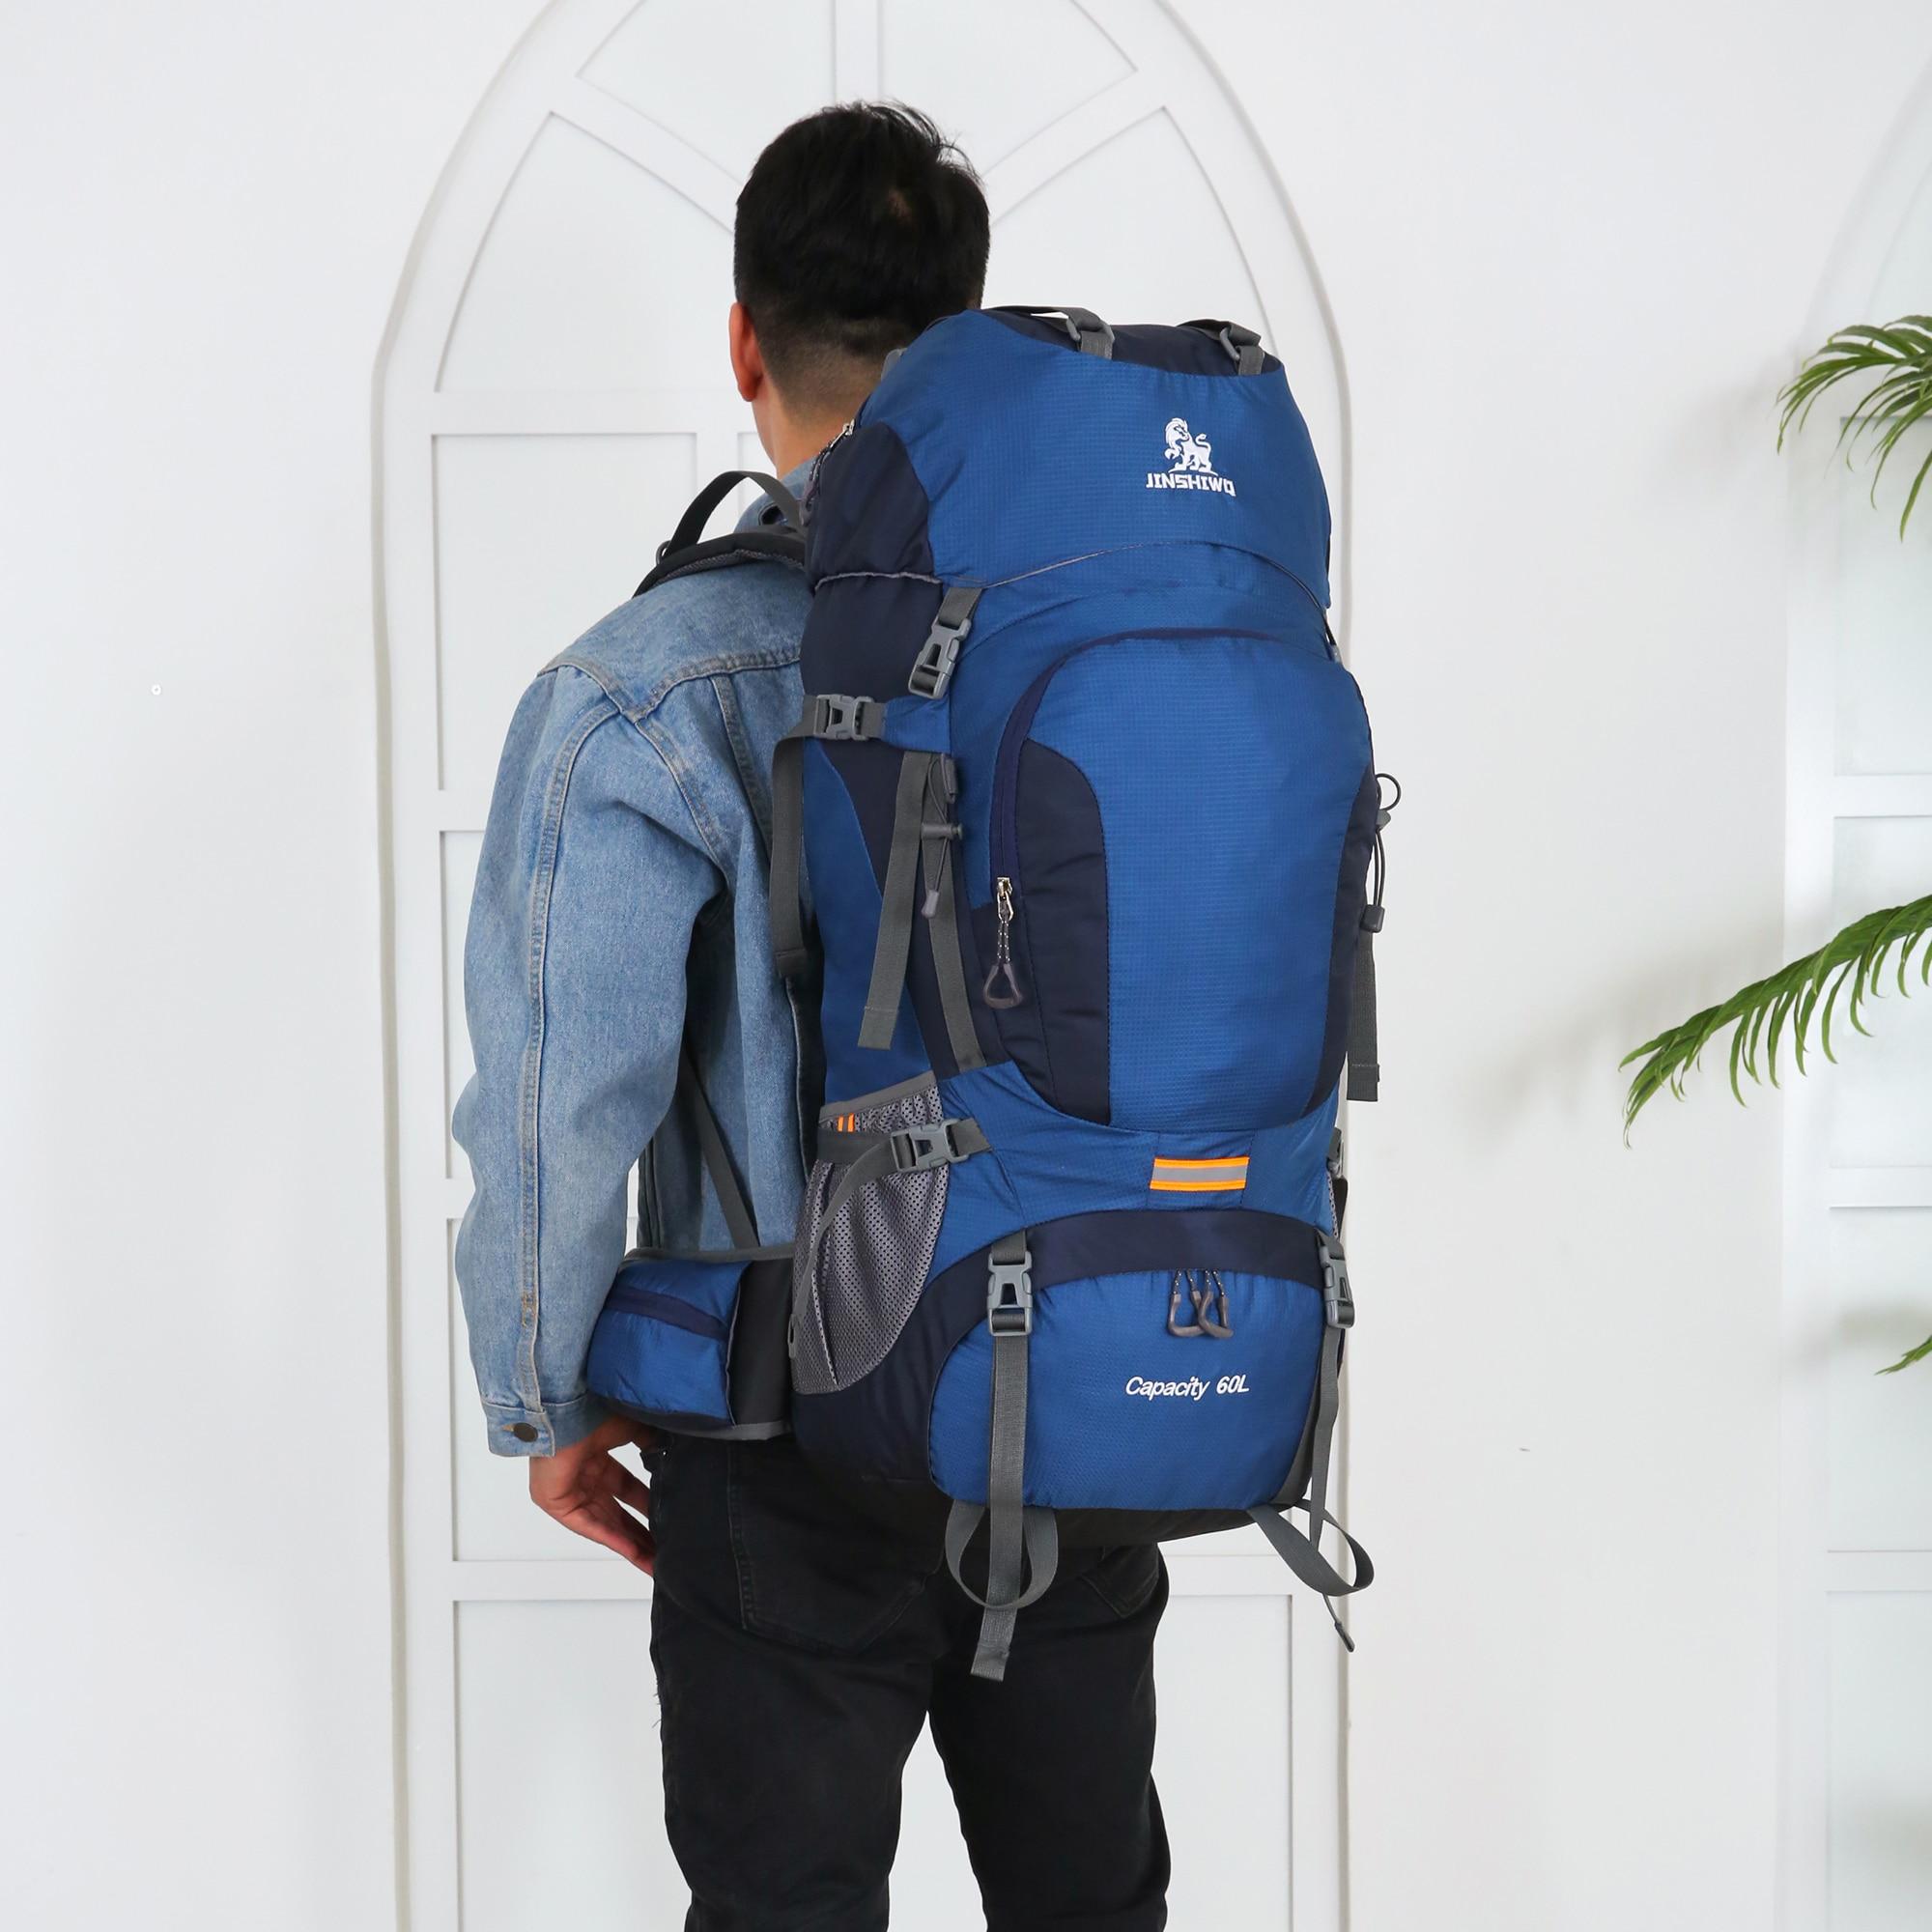 ROCKBROS 24L Водонепроницаемый велосипеда велосипедная сумка, Велоспорт велосипед рюкзак Повседневное школьные ранцы для отдыха на открытом во... - 4